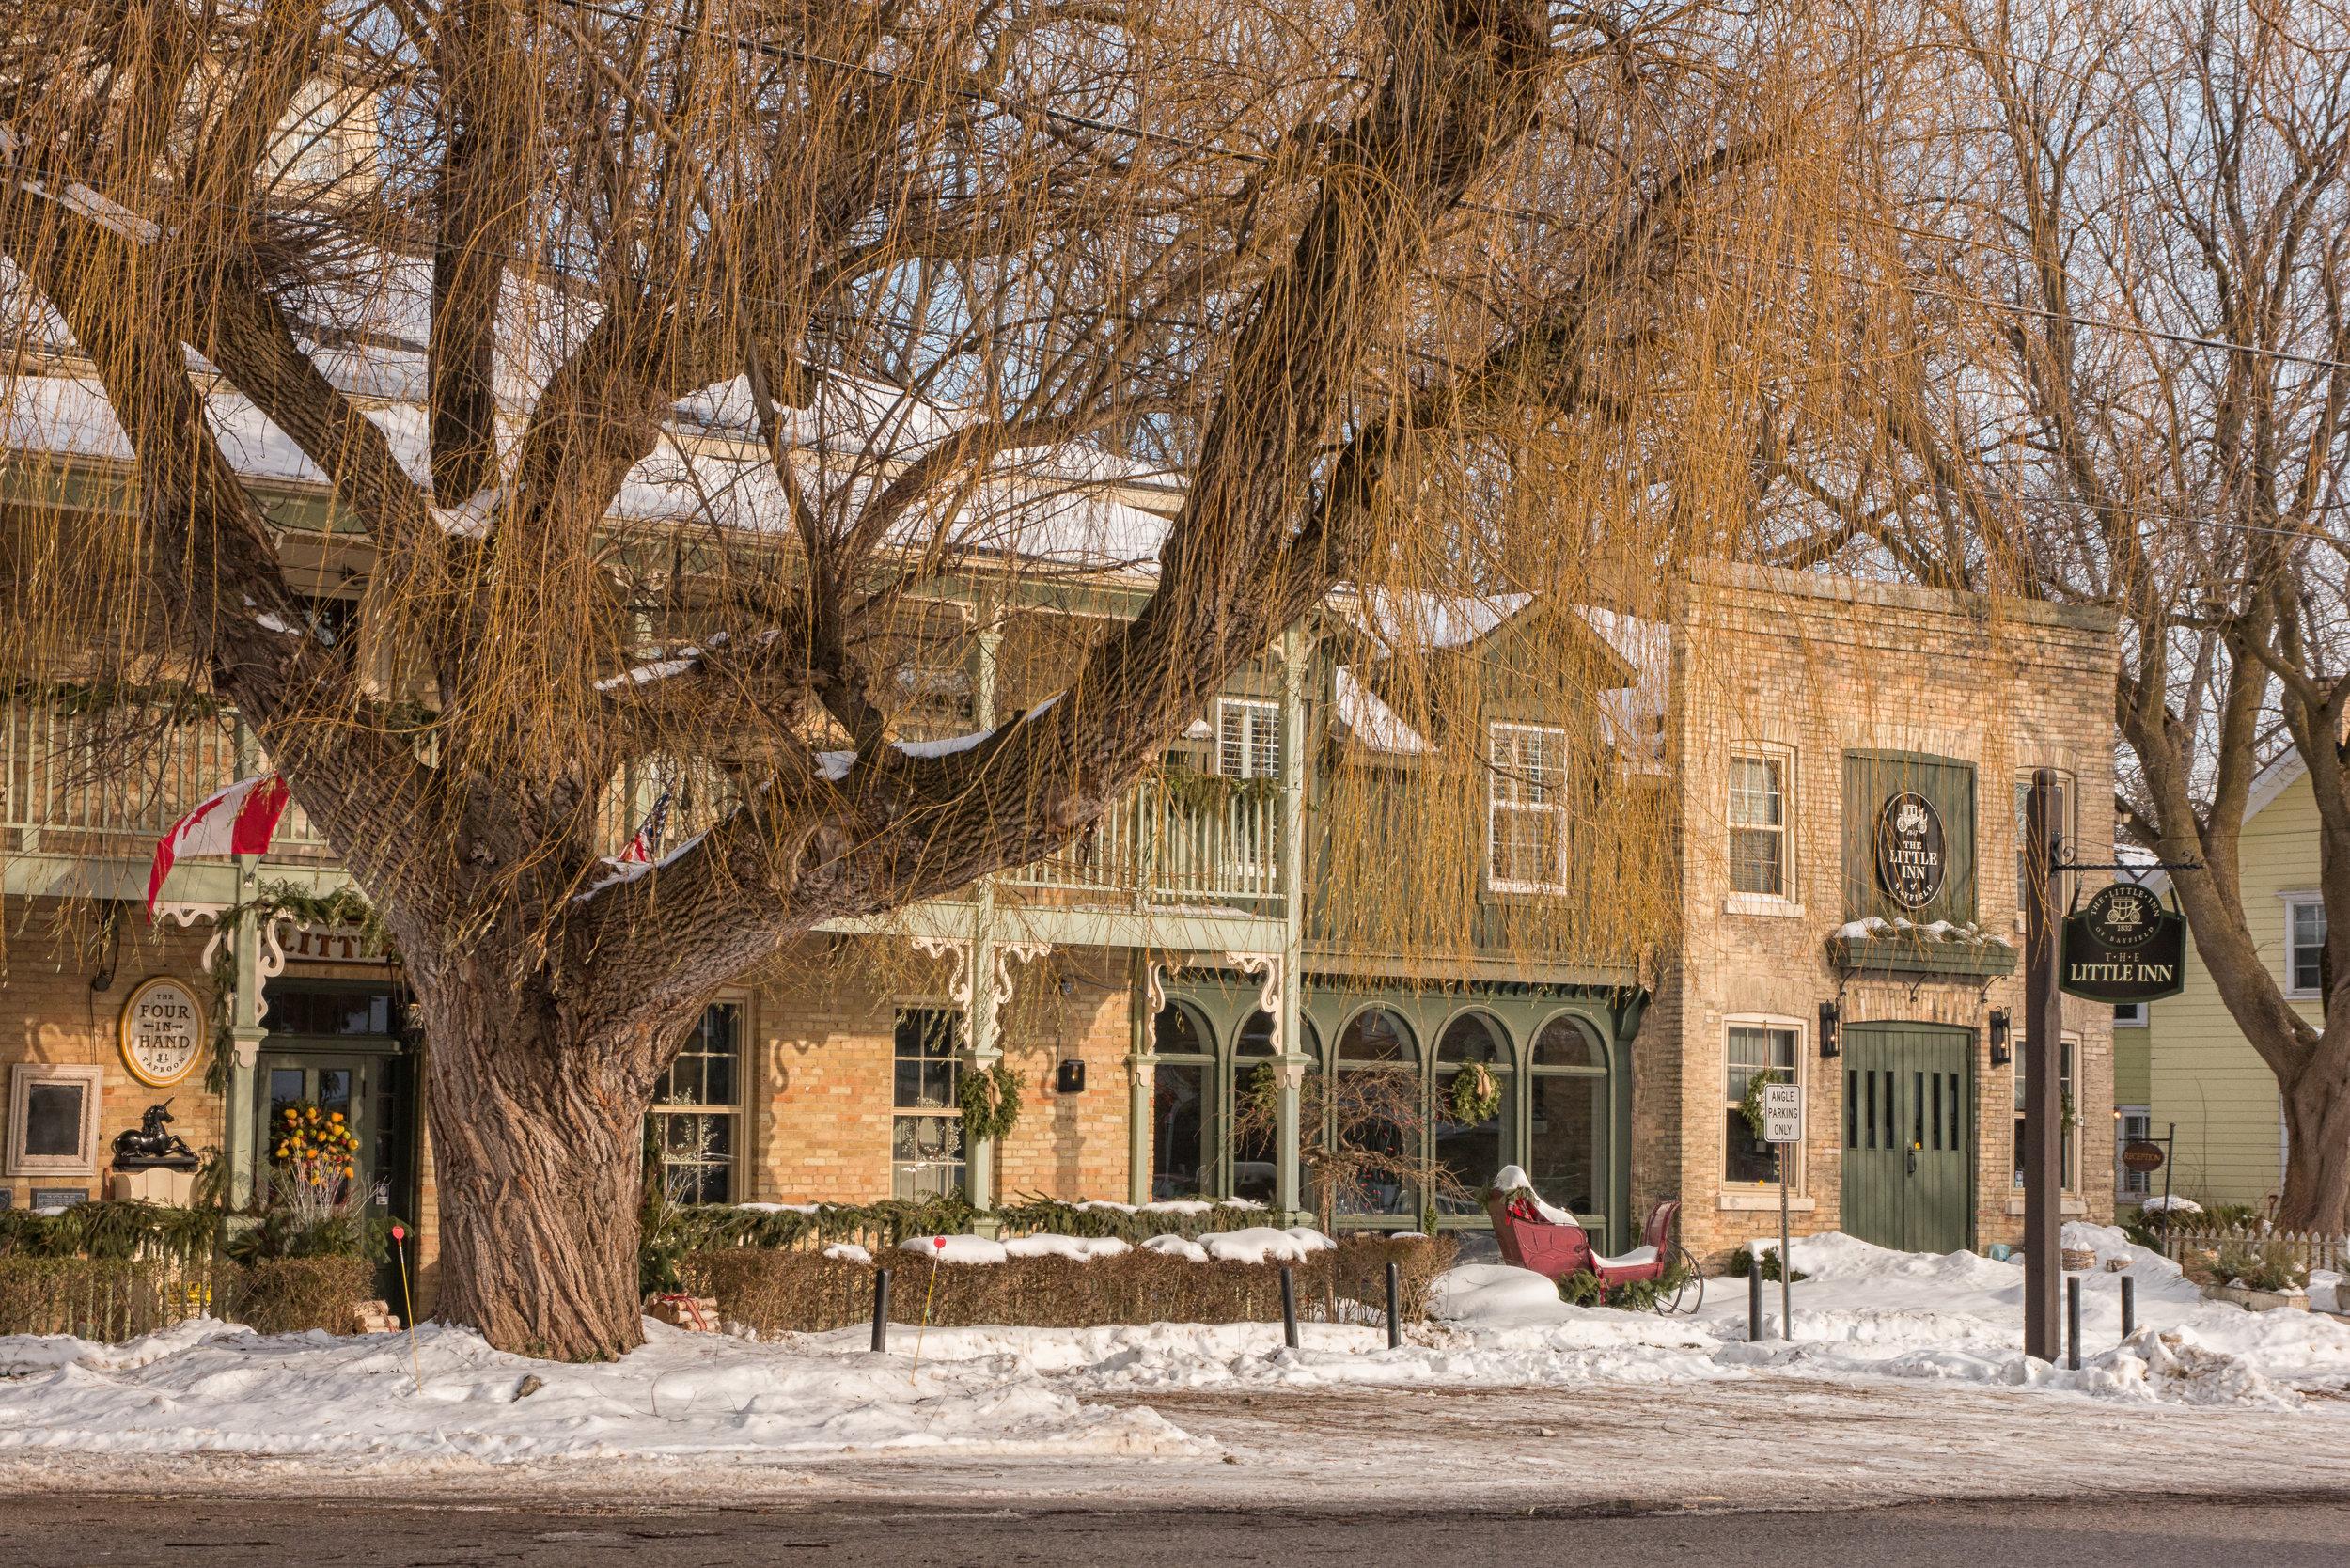 Winter Street Little Inn